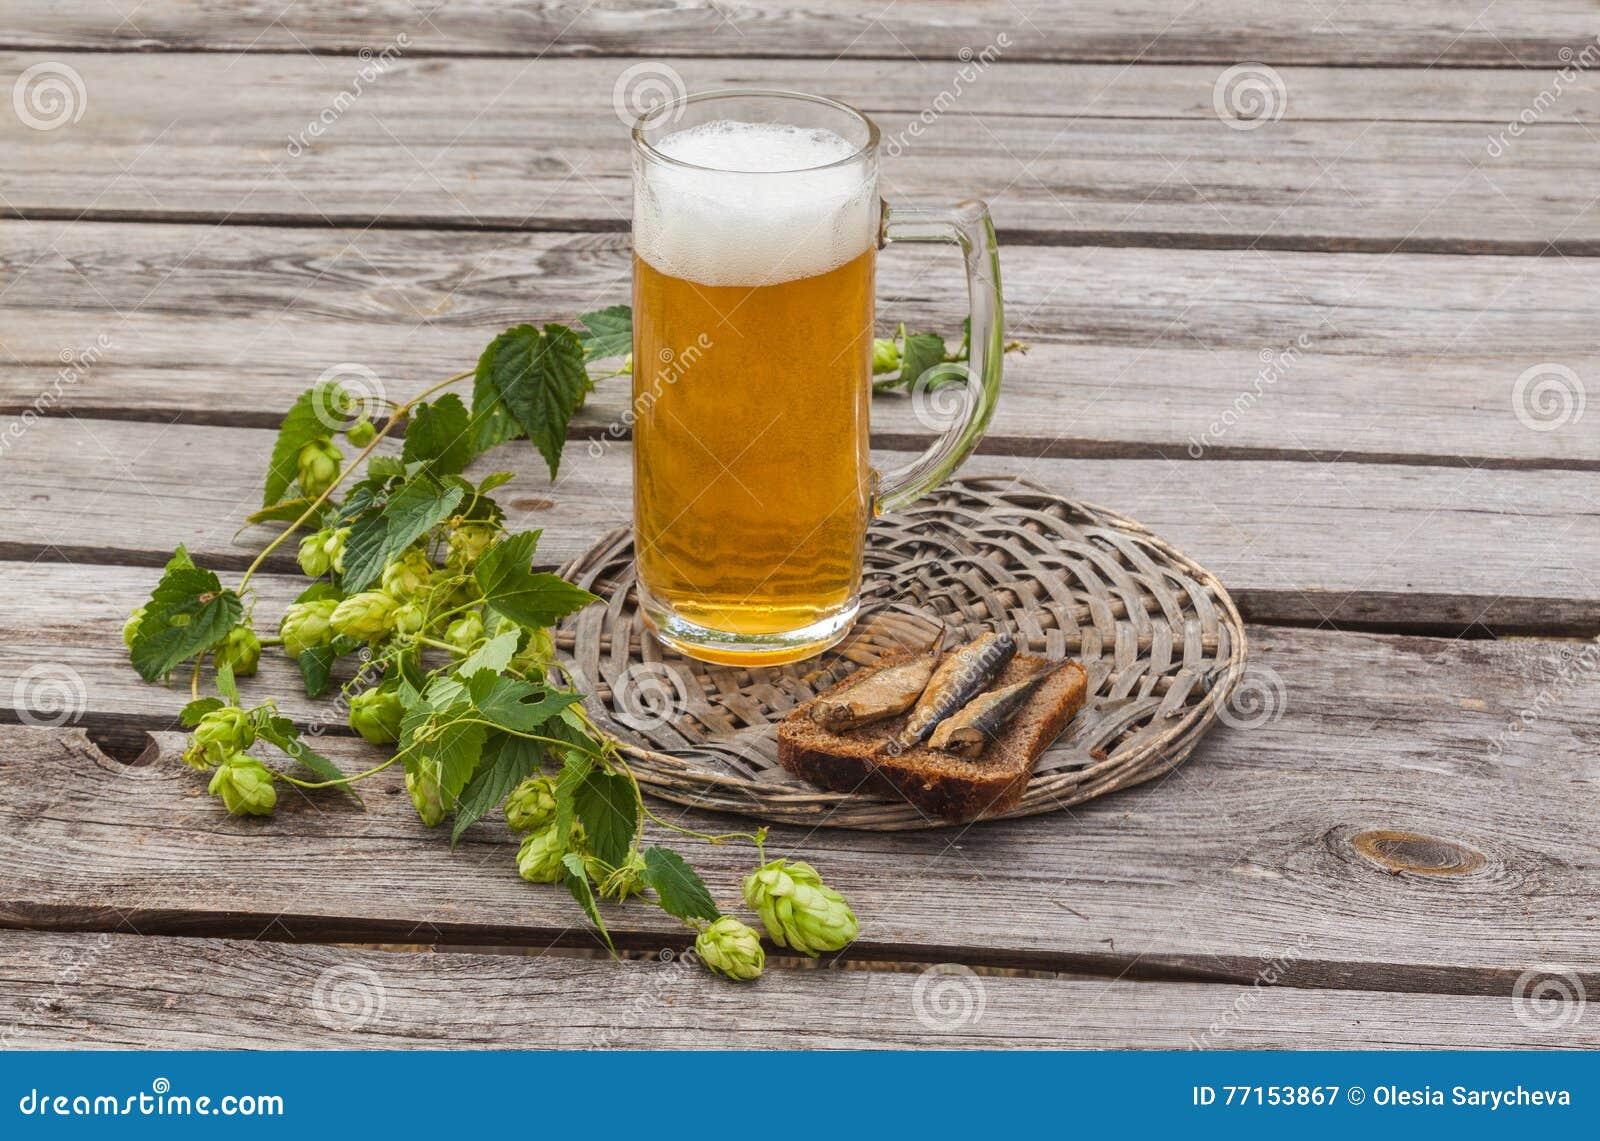 Verre de bière et de pain brun avec des esprots sur une table en bois